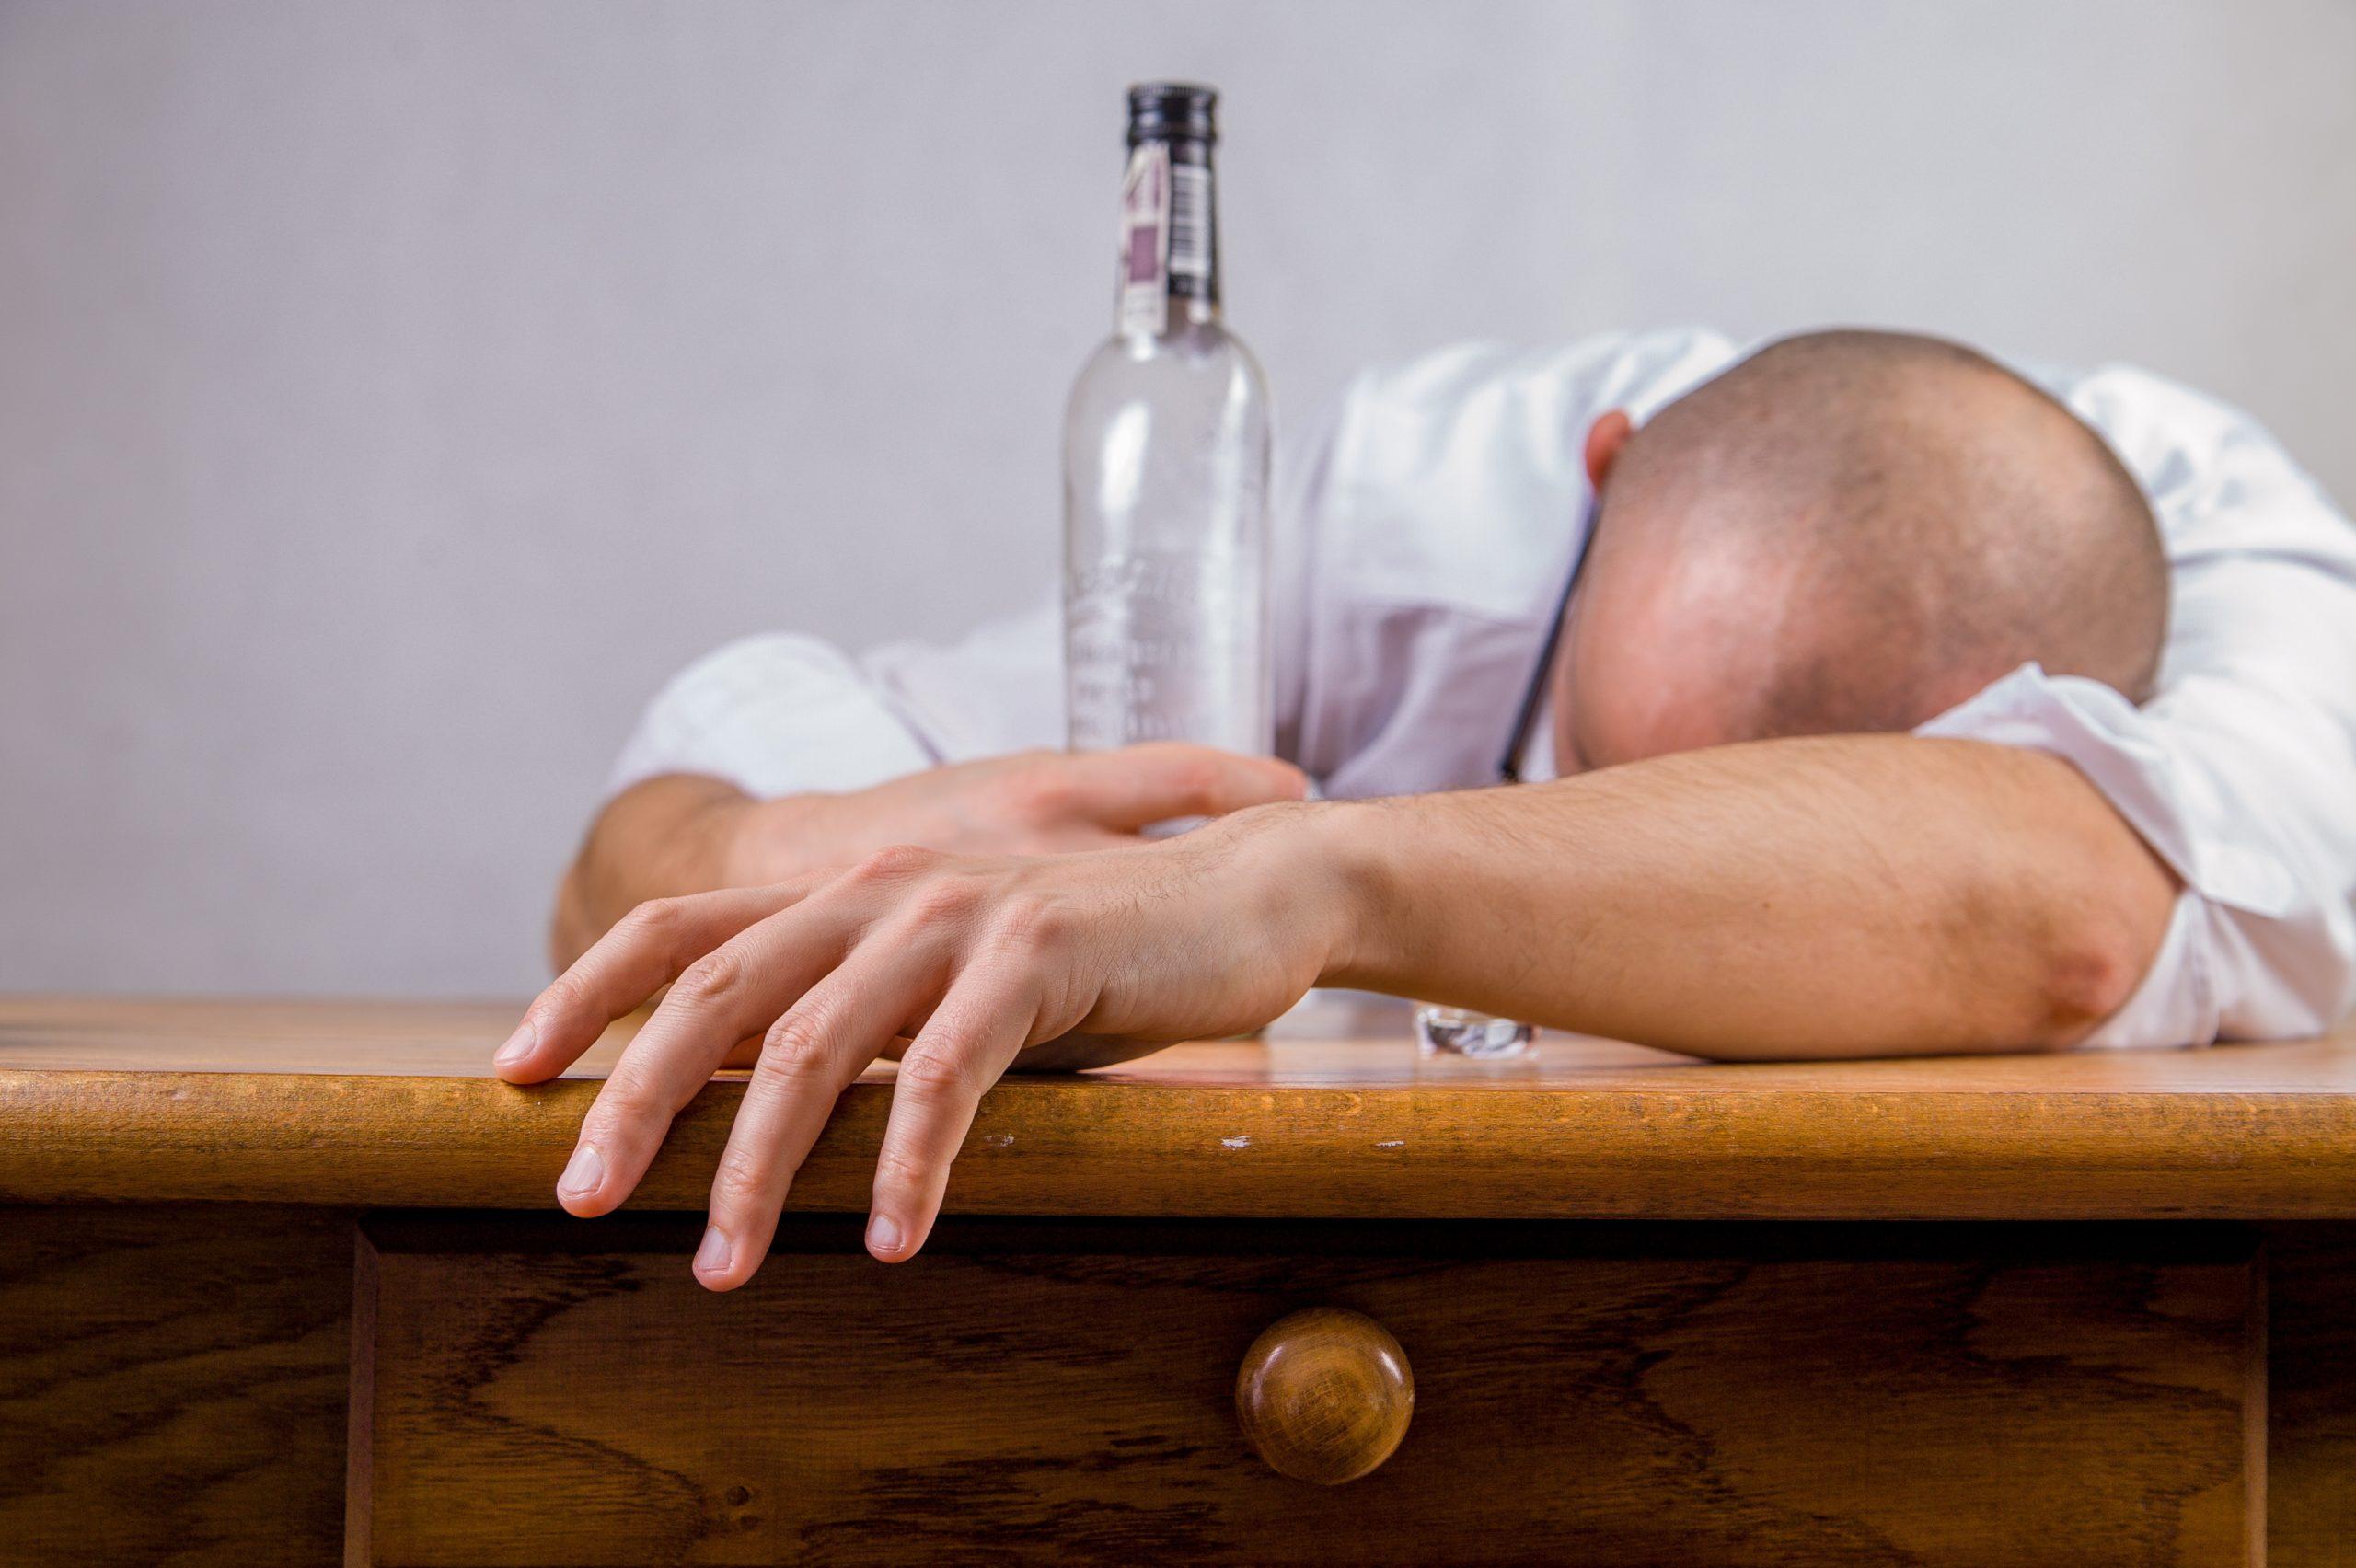 アルコールが免疫力を下げる理由とは